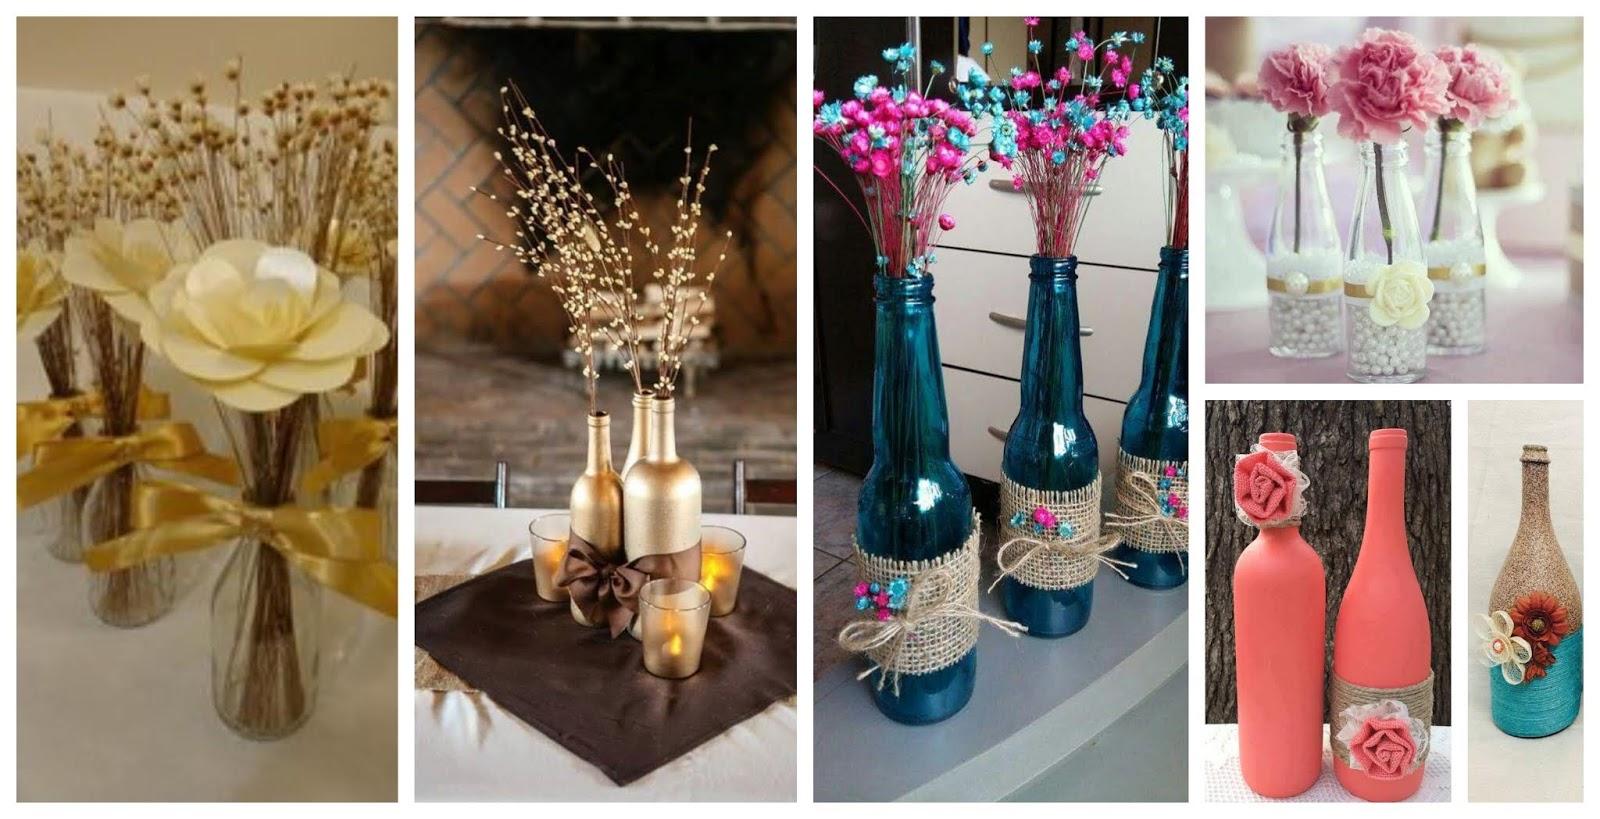 Convierte botellas de vidrio en lindos adornos para tu